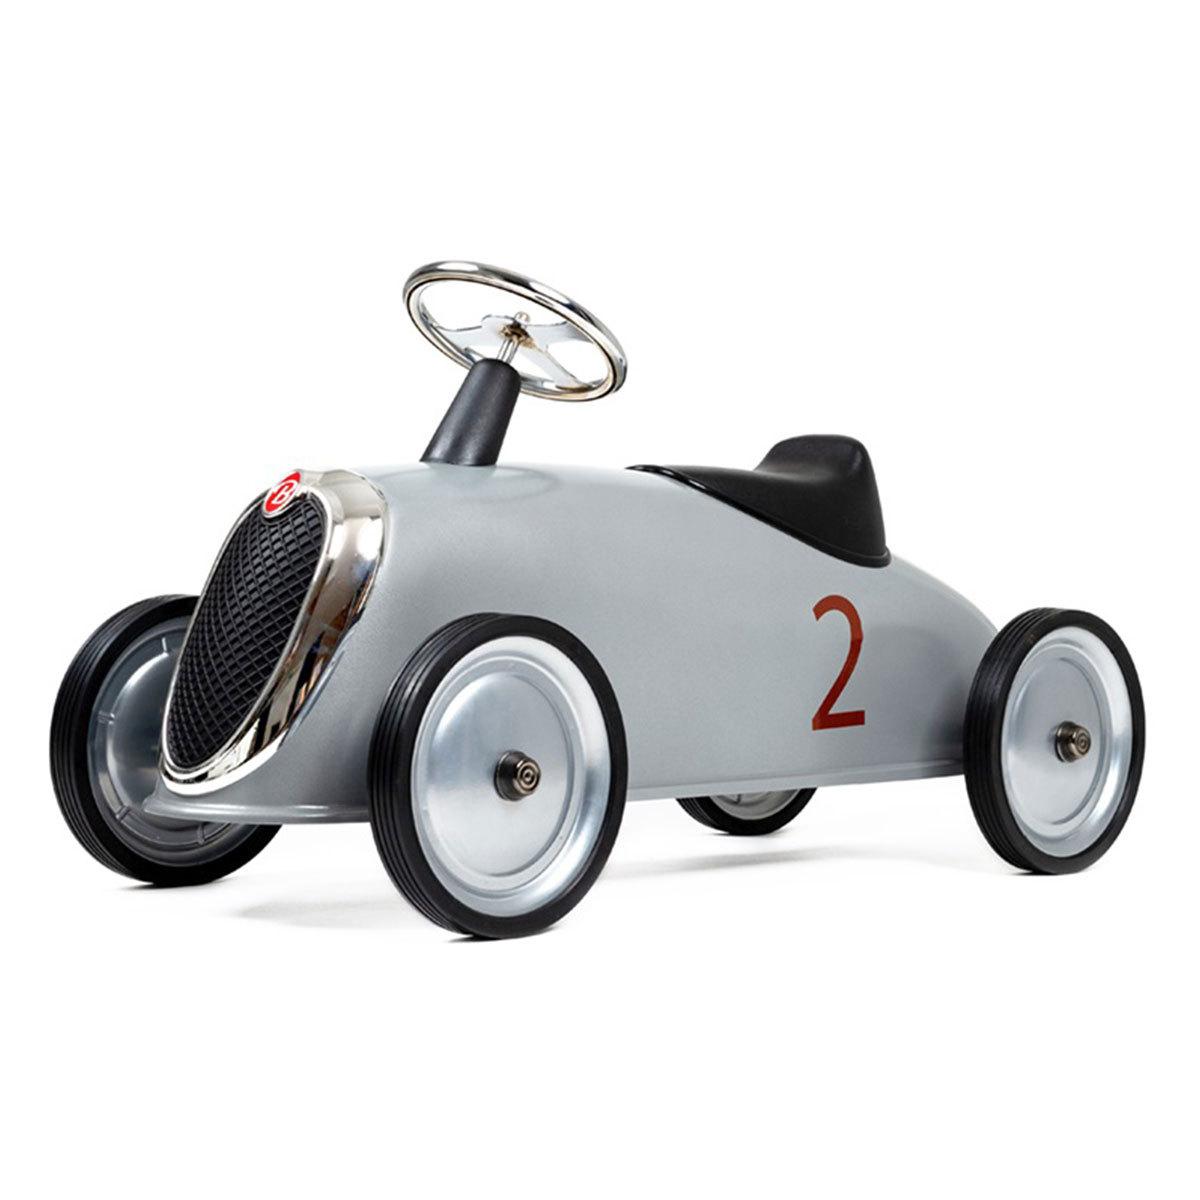 Trotteur & Porteur Porteur Rider - New Silver